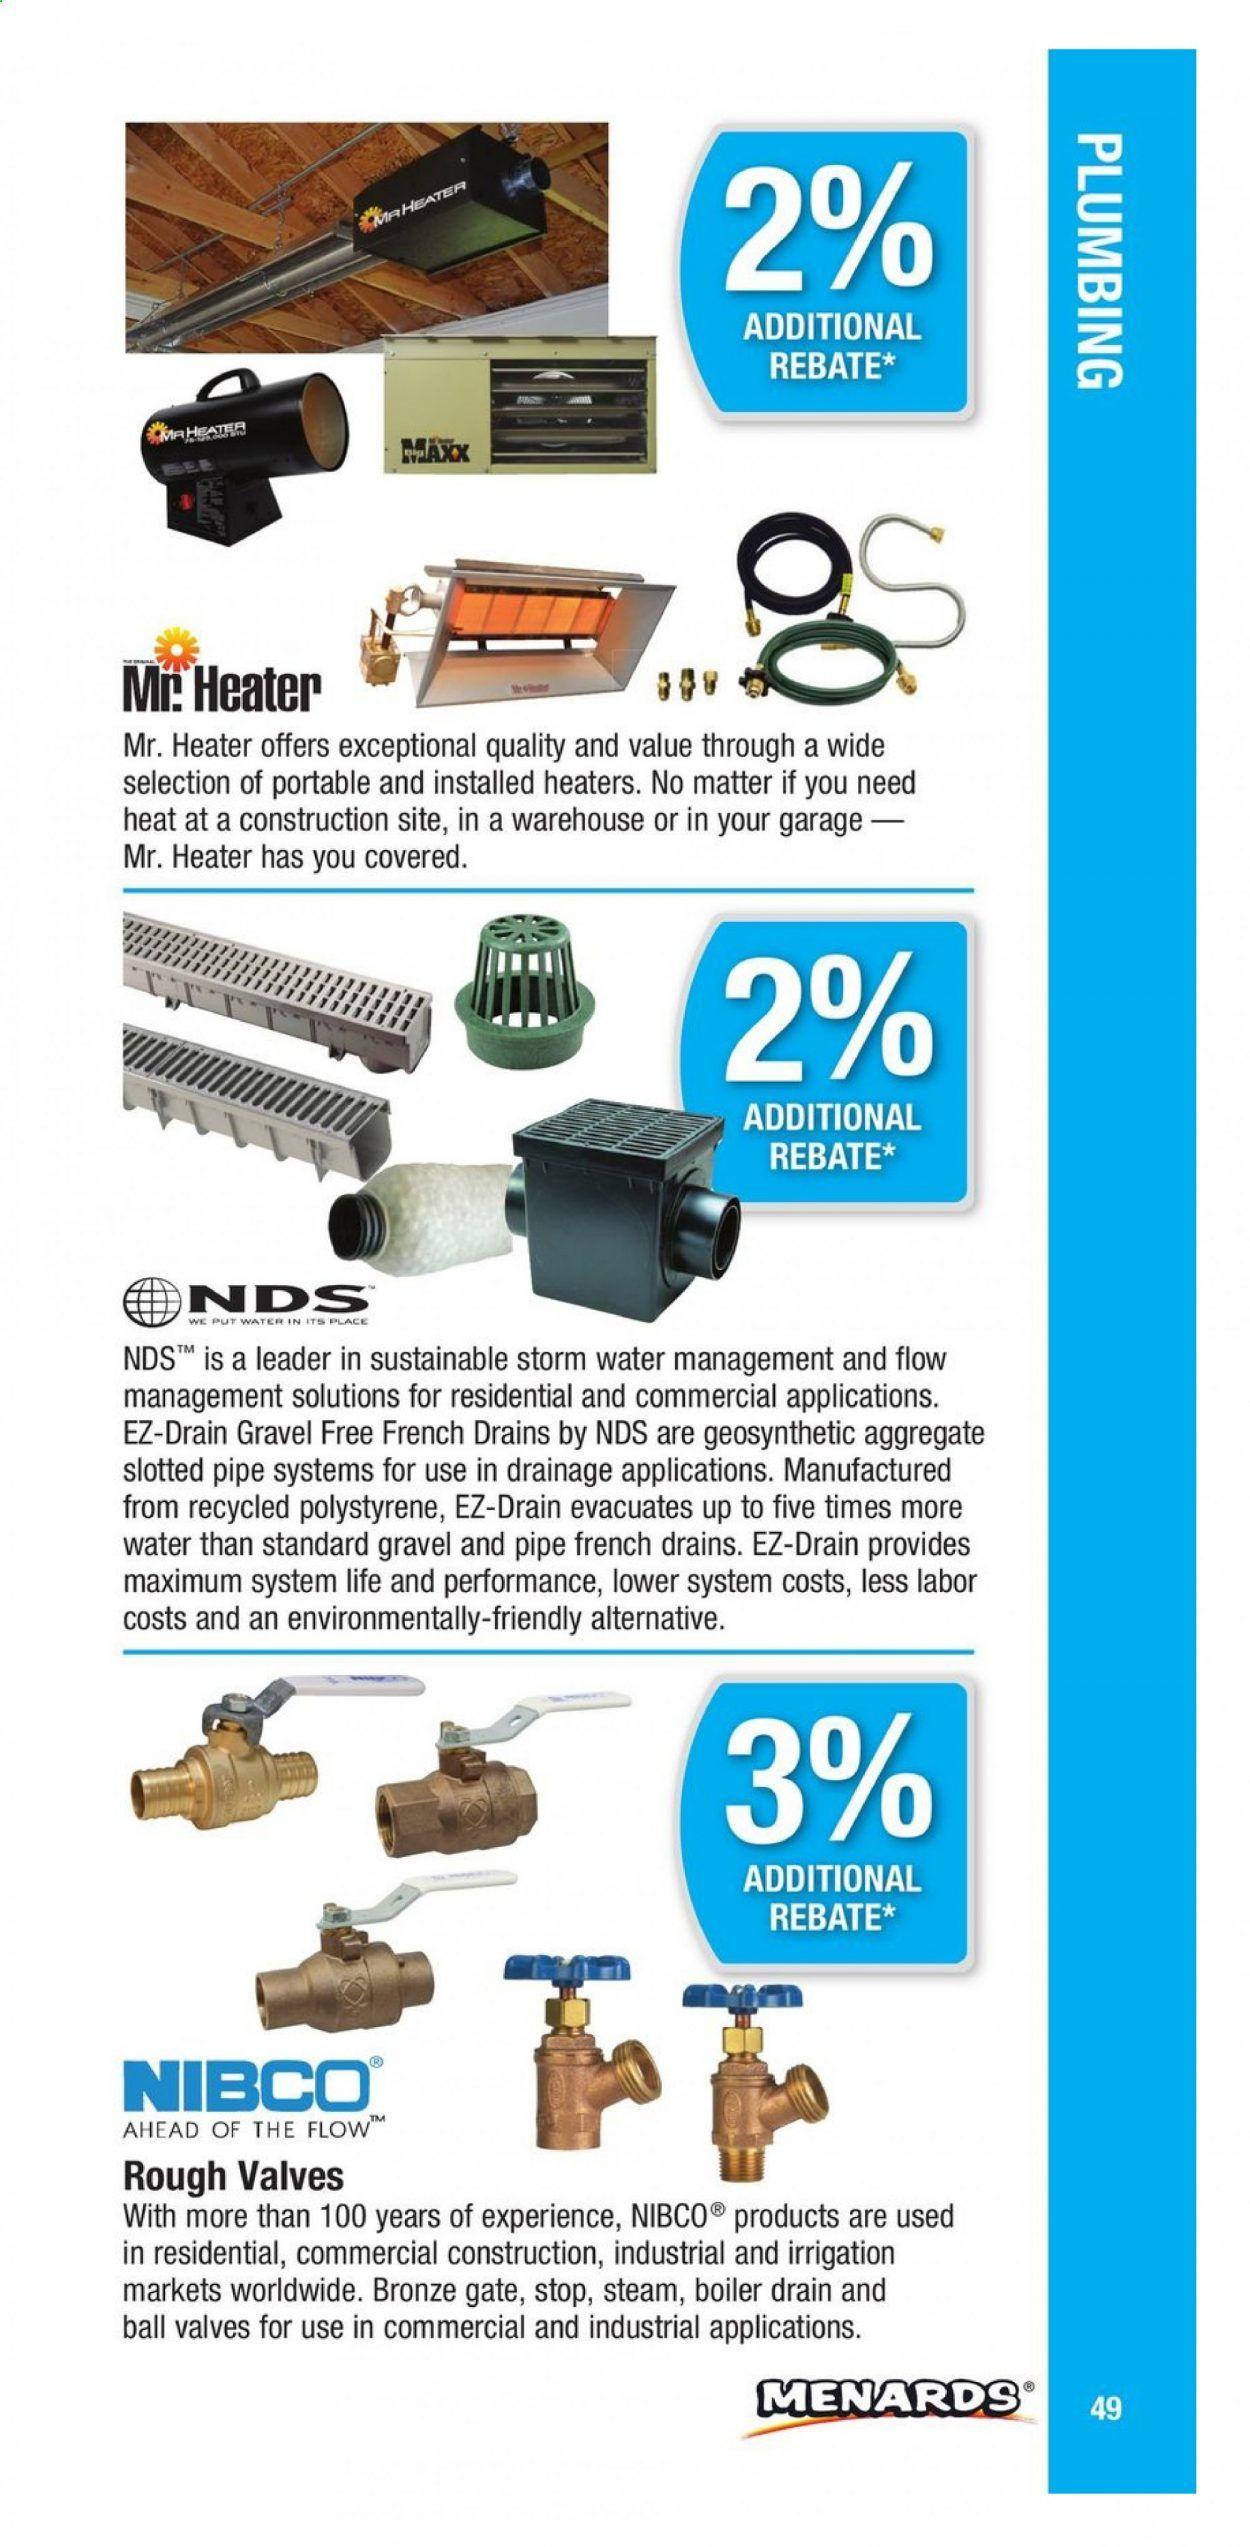 Menards Contractor Rebate Program 2021 - Page 49